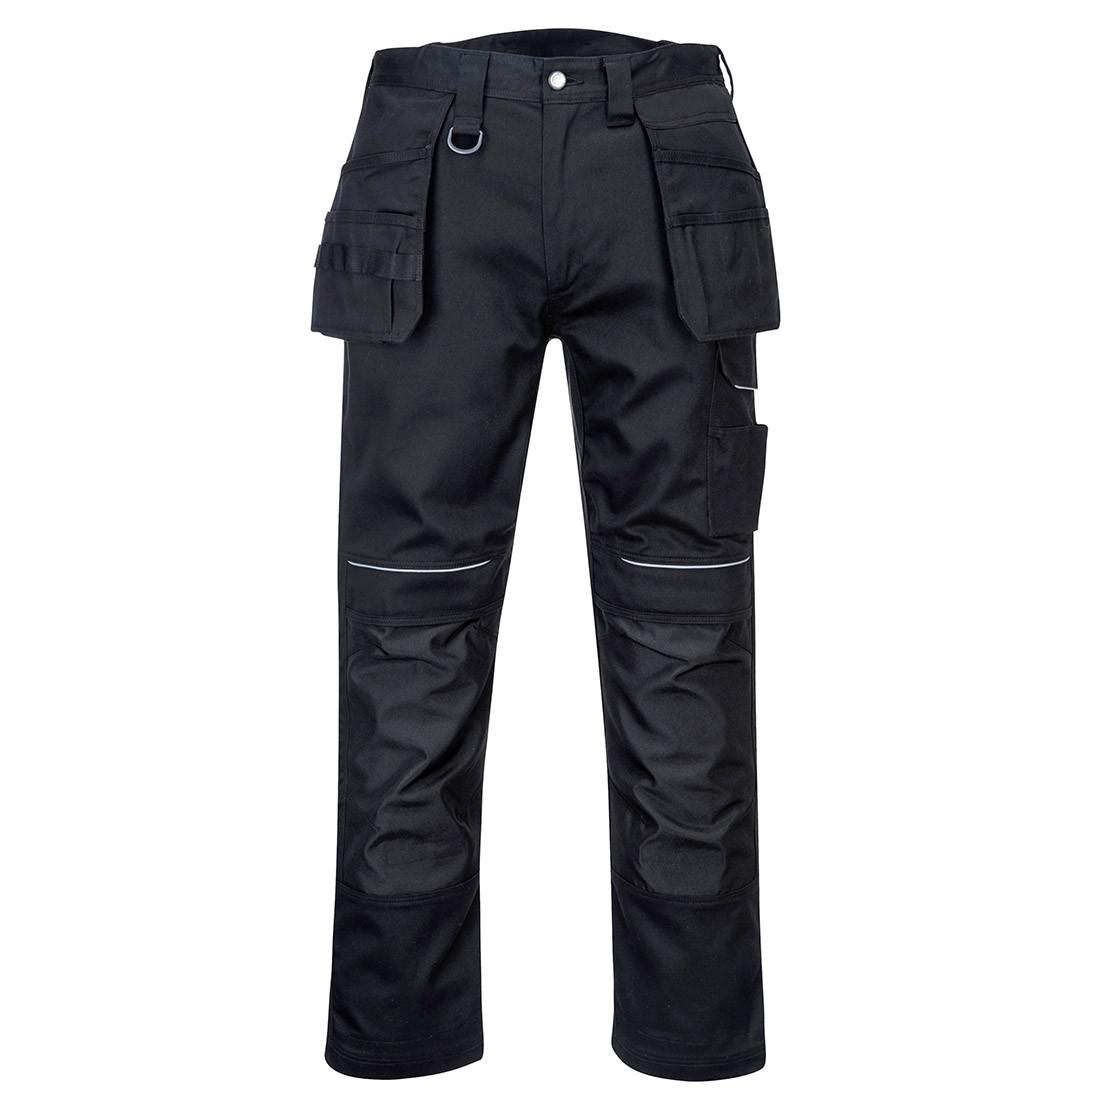 Pantaloni tamplar din bumbac PW3 - Imbracaminte de protectie